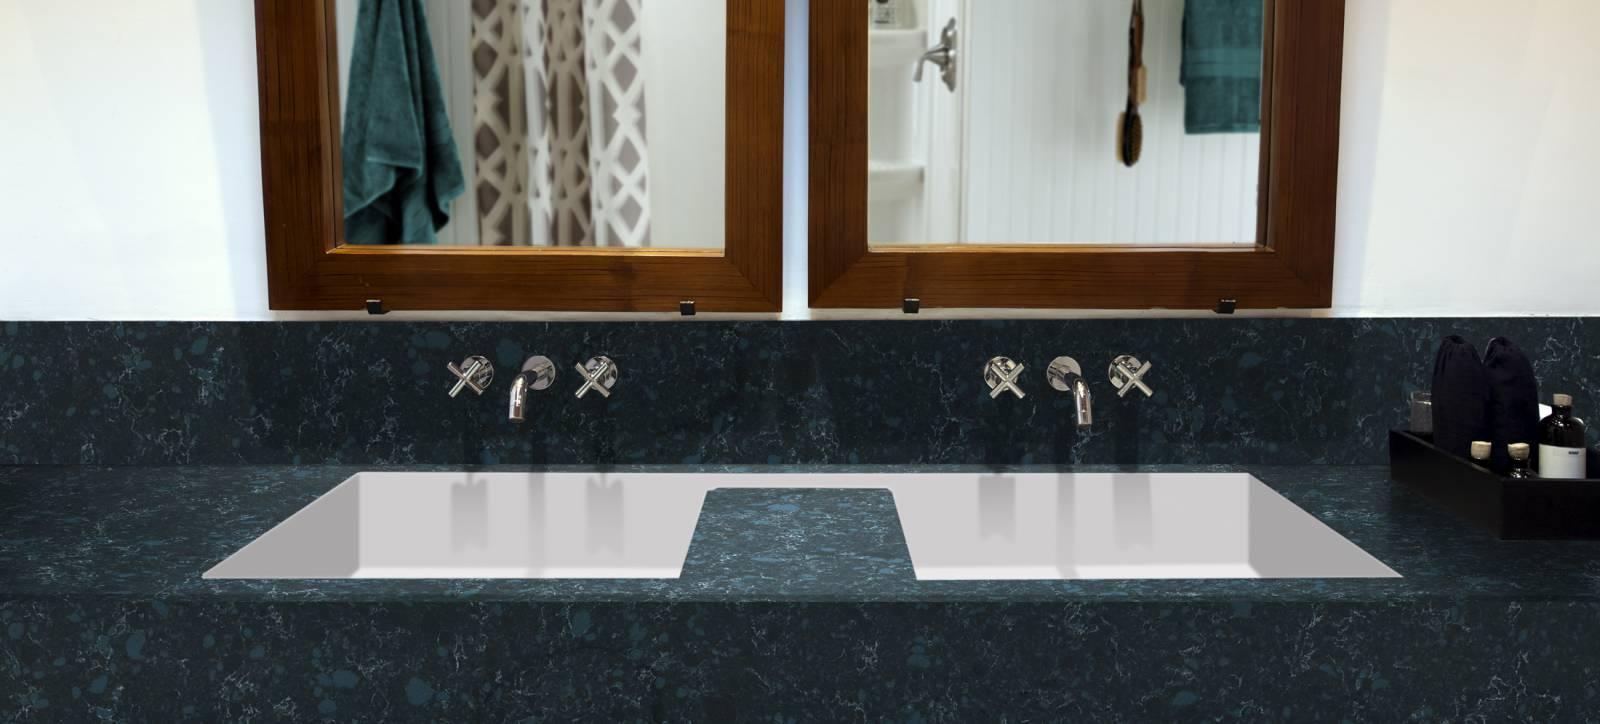 Sinks Corian Quartz